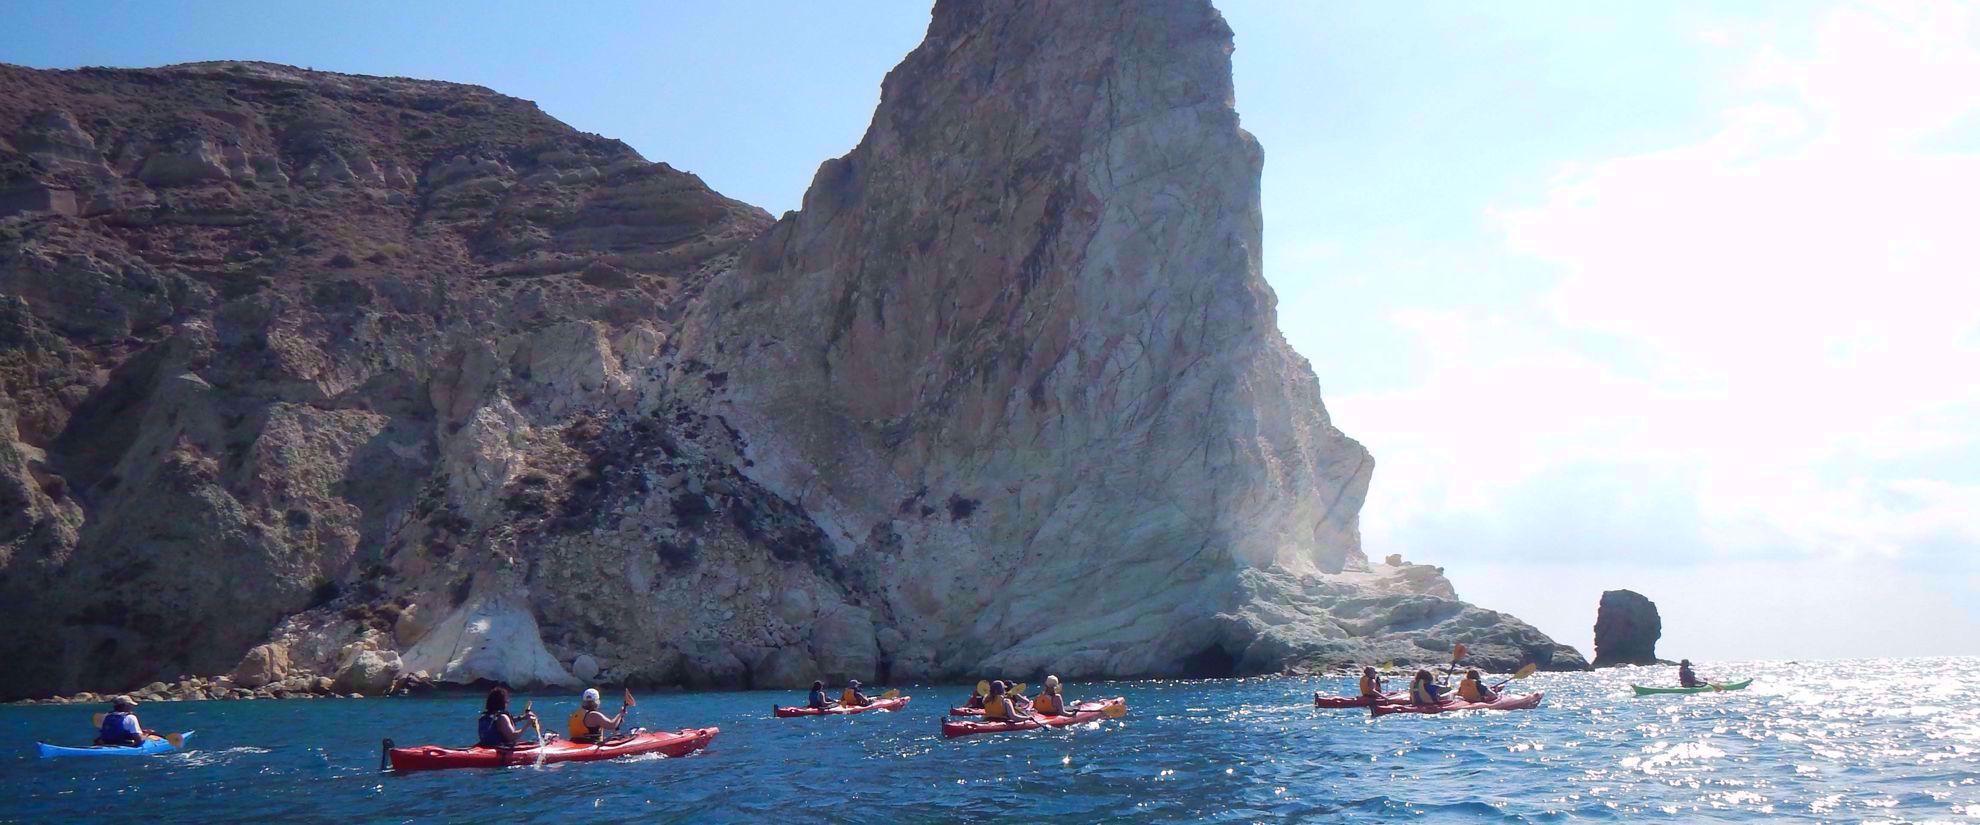 women's tour group kayaking through greek islands